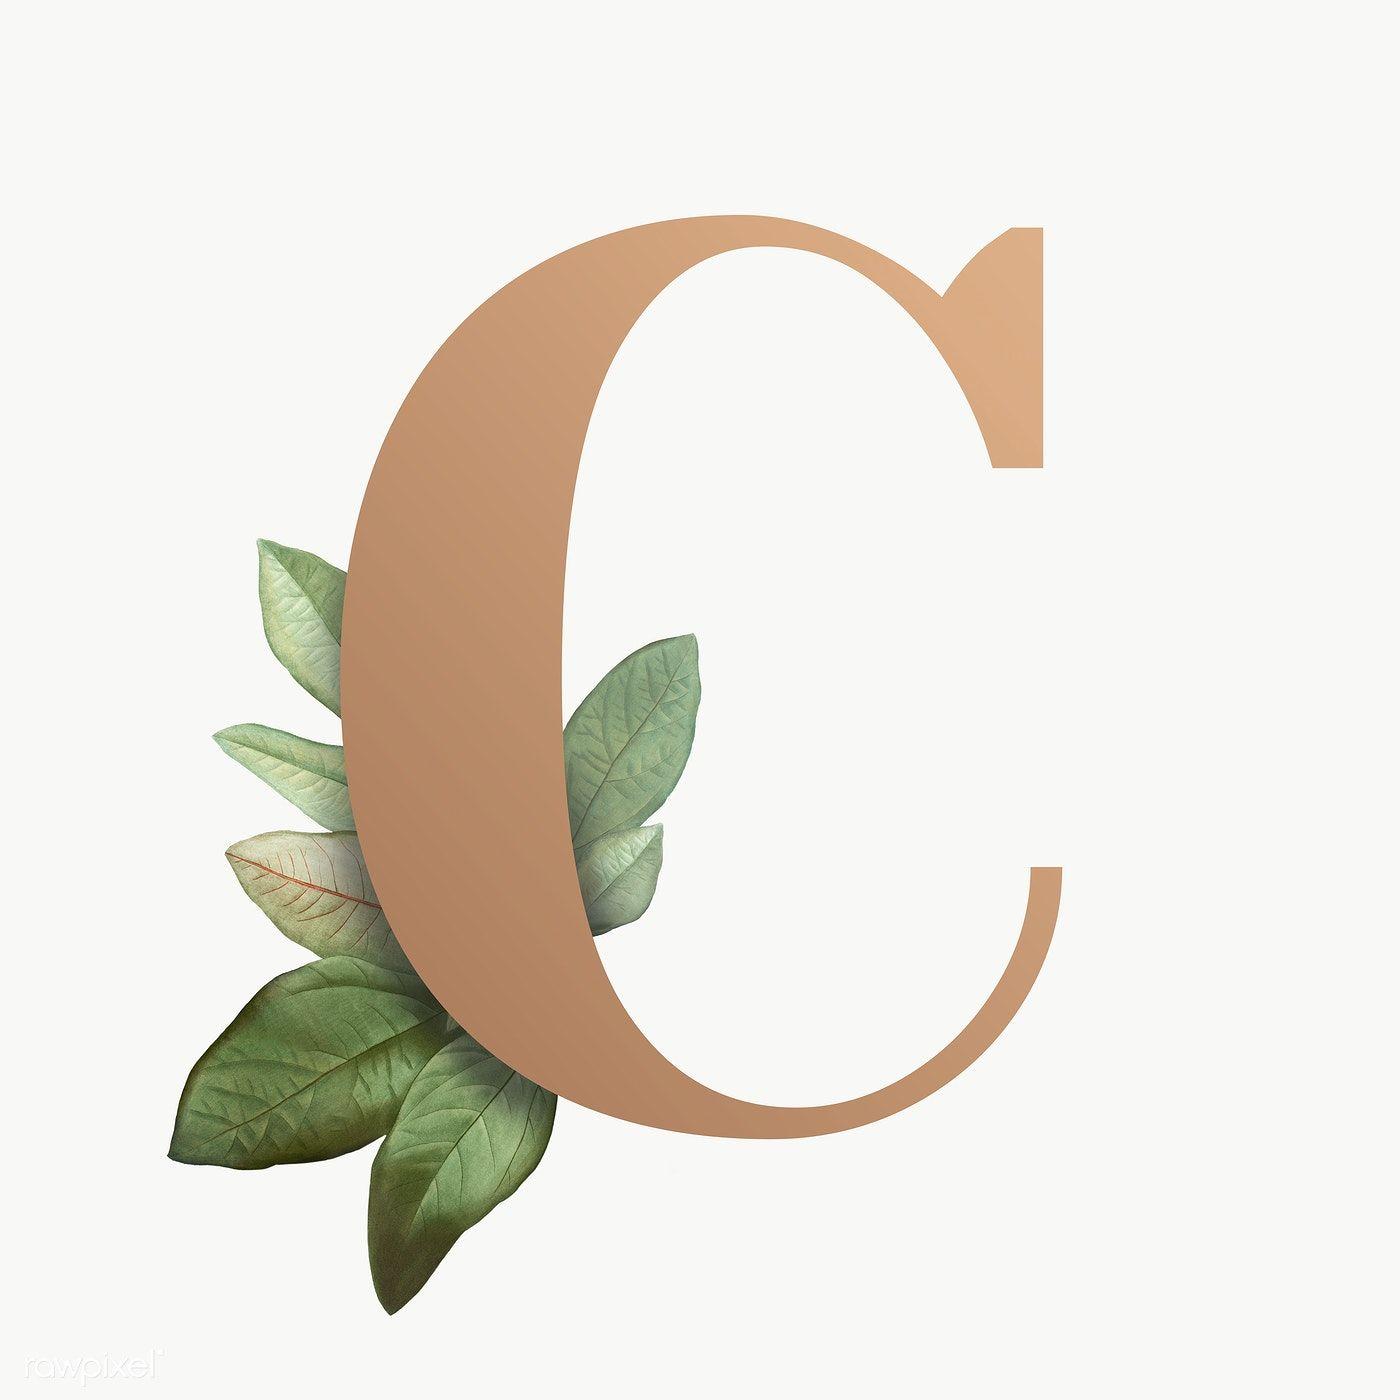 Botanical Capital Letter C Transparent Png Premium Image By Rawpixel Com Aum Letter C Lettering Letter H Design